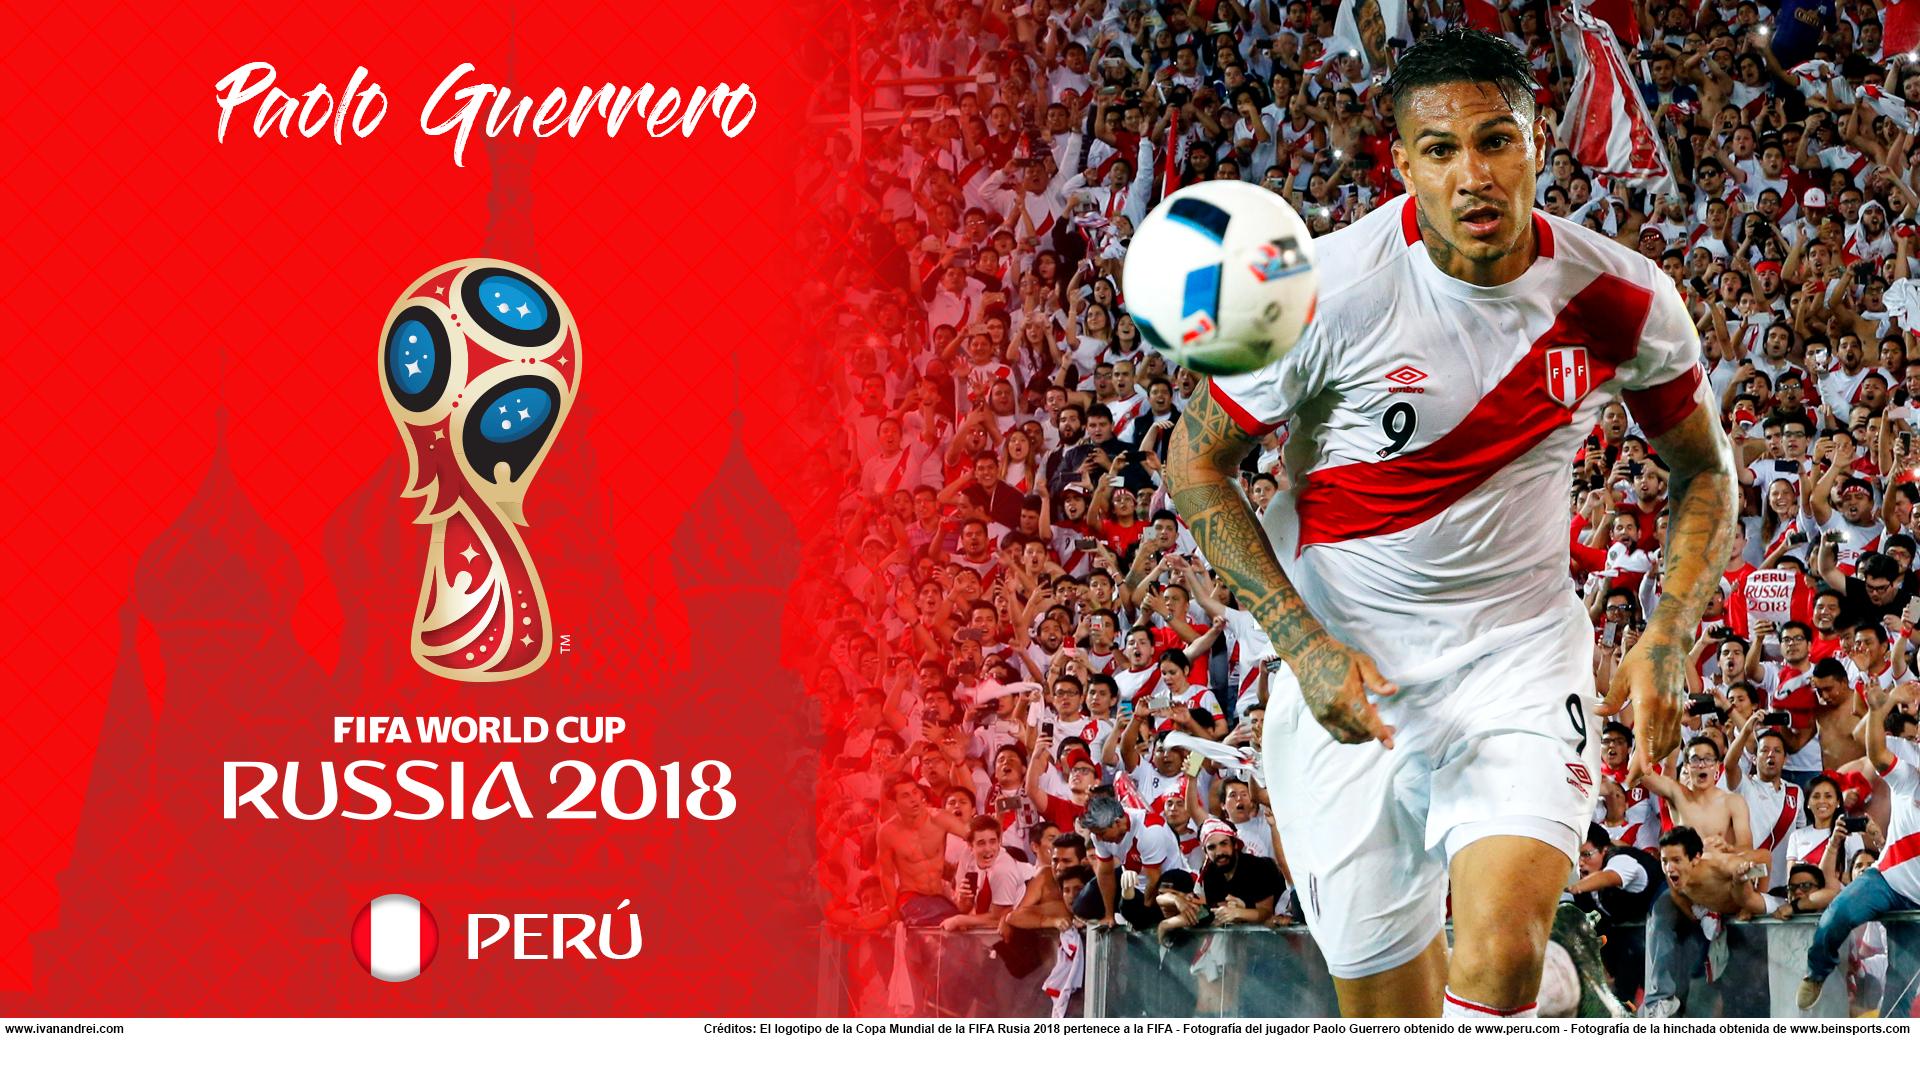 Wallpaper de Paolo Guerrero de Perú para la Copa Mundial de la FIFA - Rusia 2018 - Edición para PC (1920x1080)